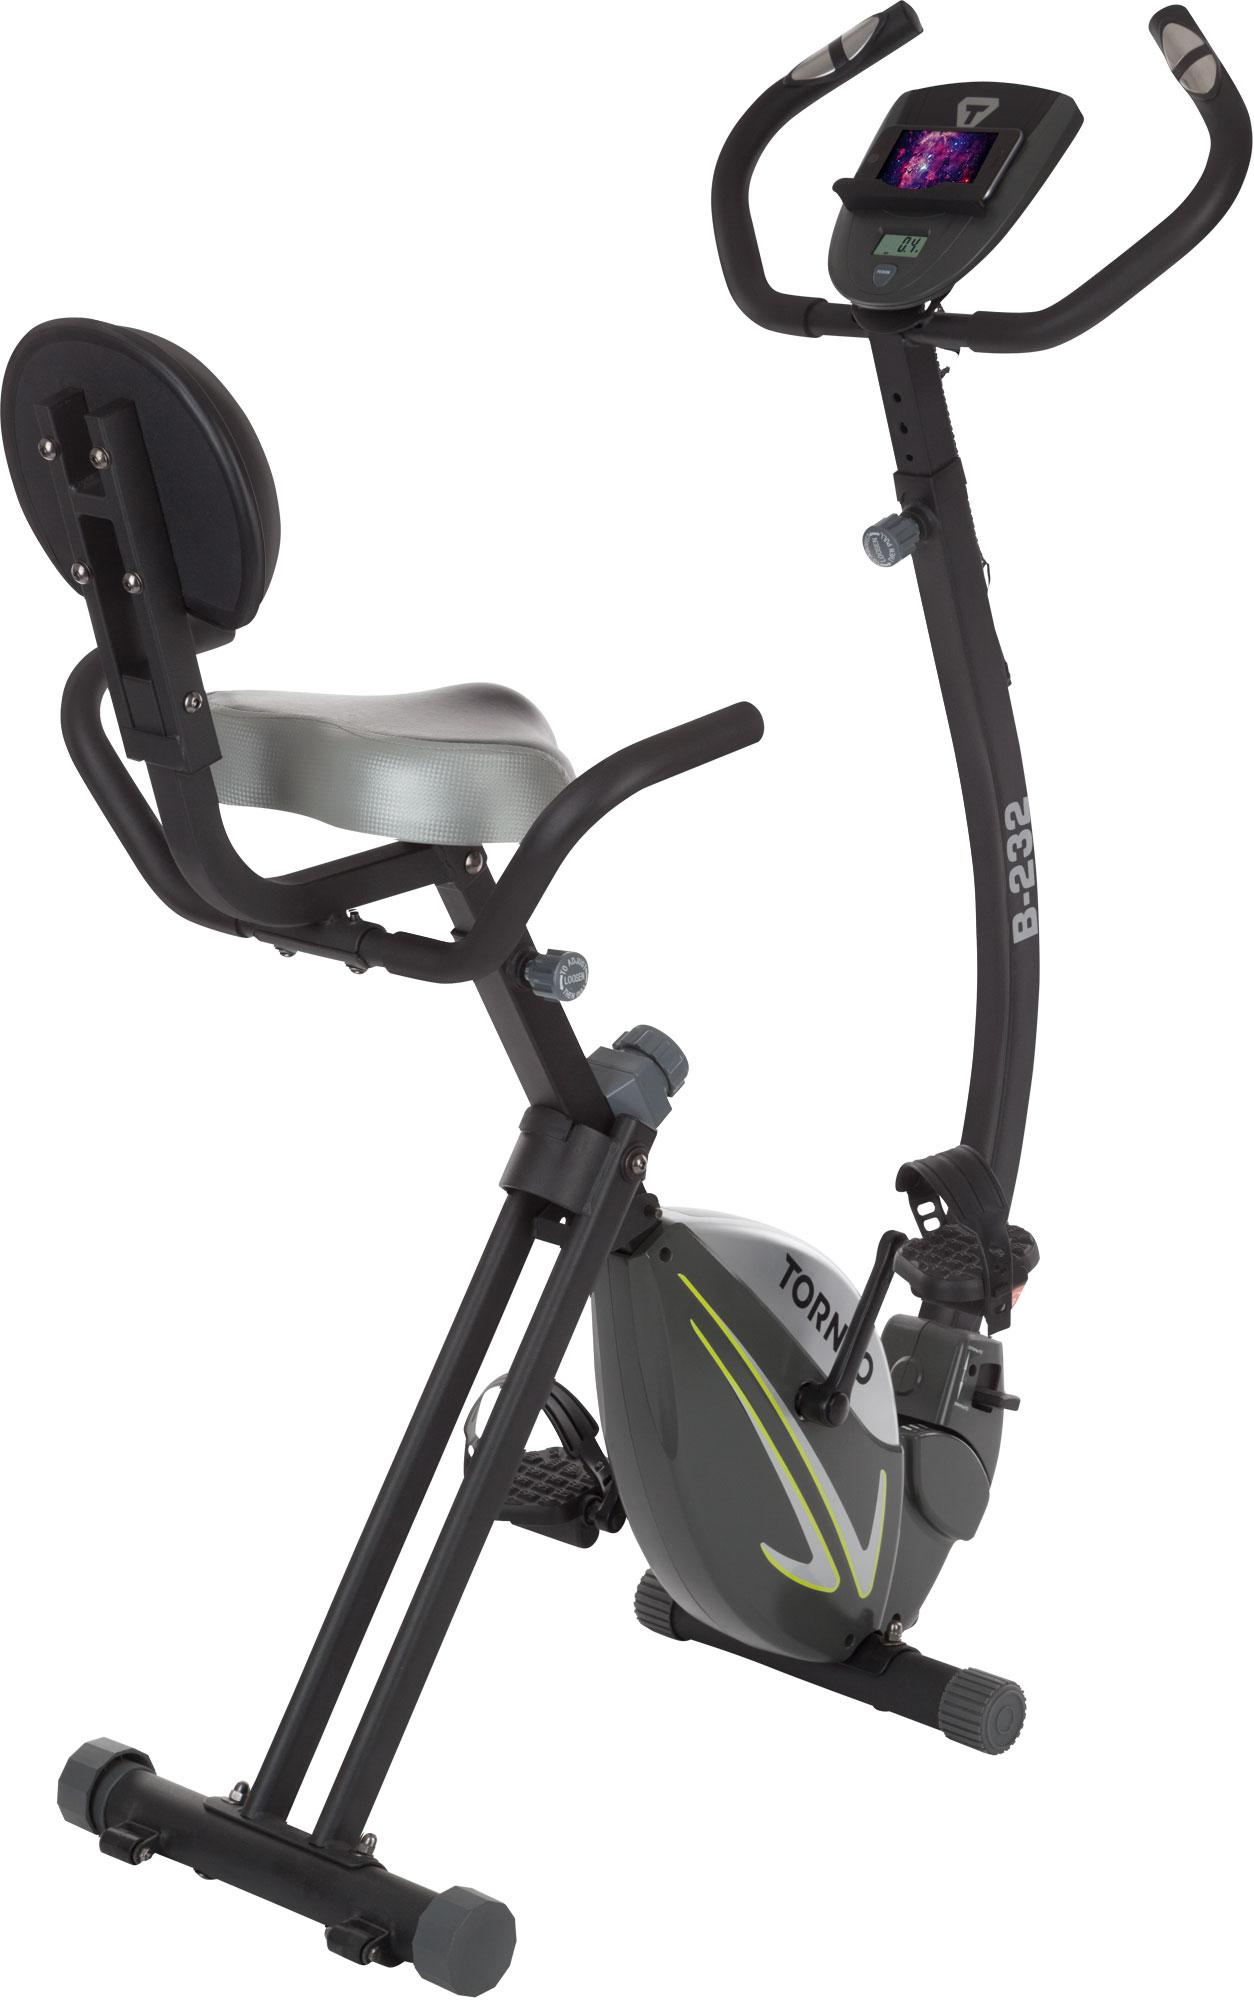 Torneo Велотренажер Compacta Plus B-232 велотренажер spirit xbu55 2017